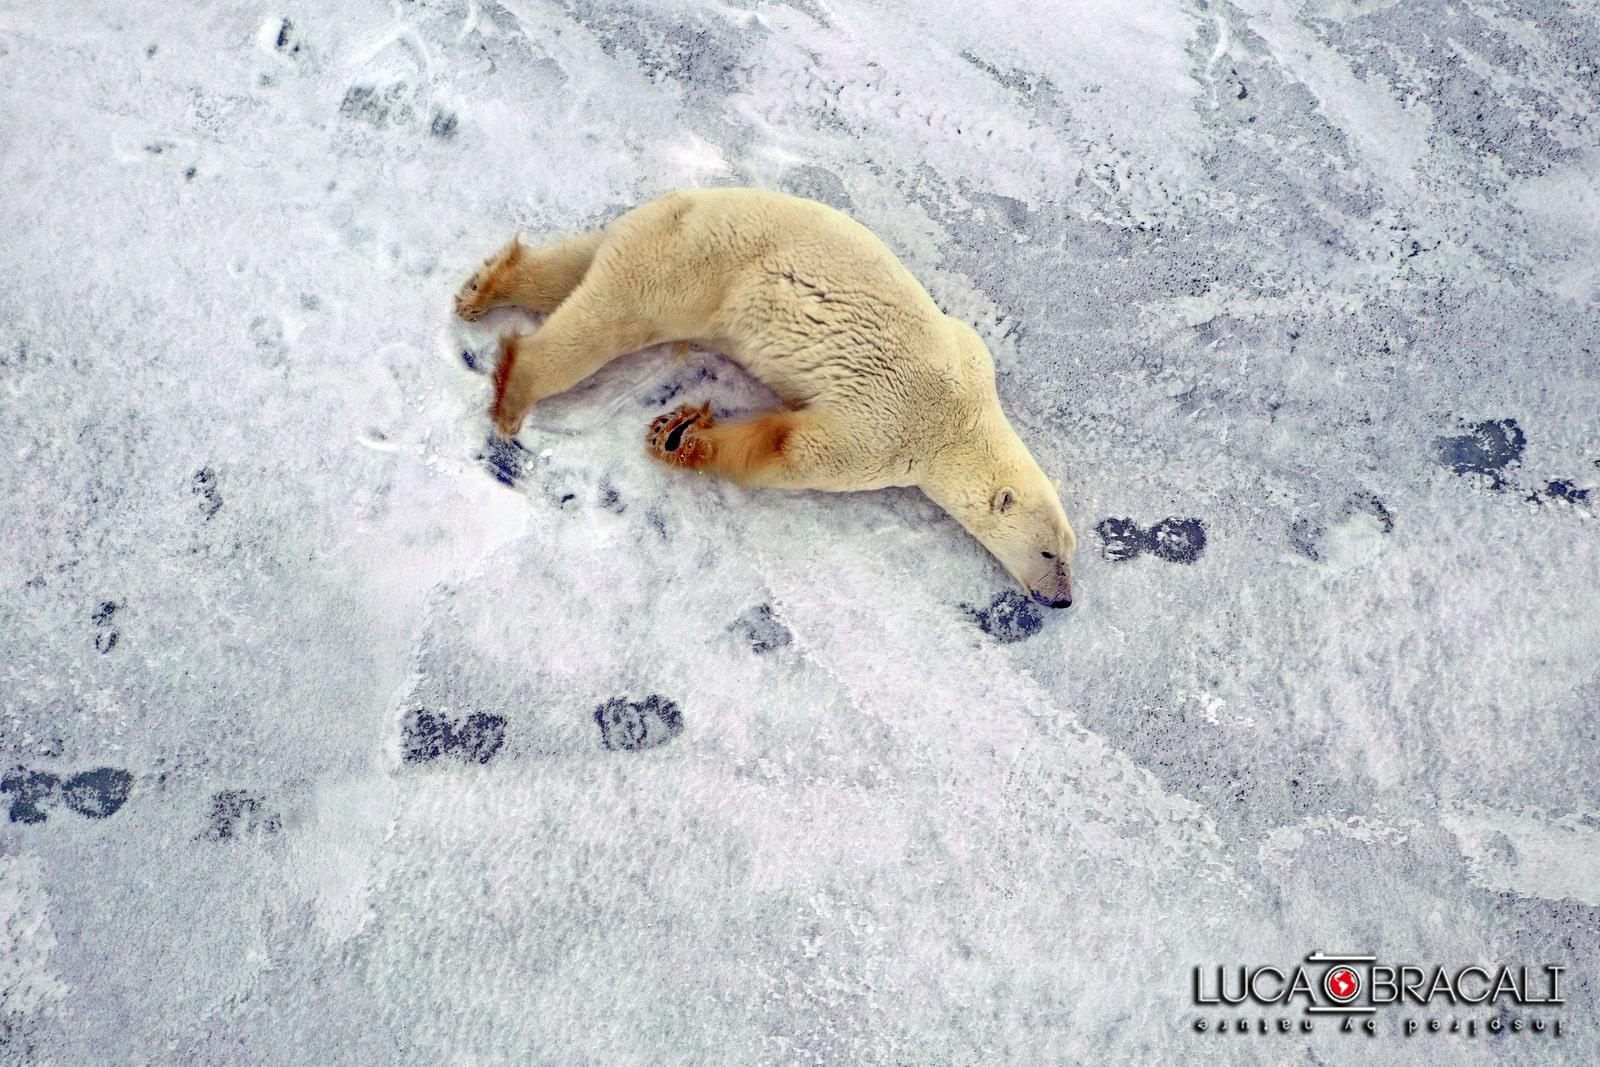 Viaggio fotografico Canada orsi polari 05-min